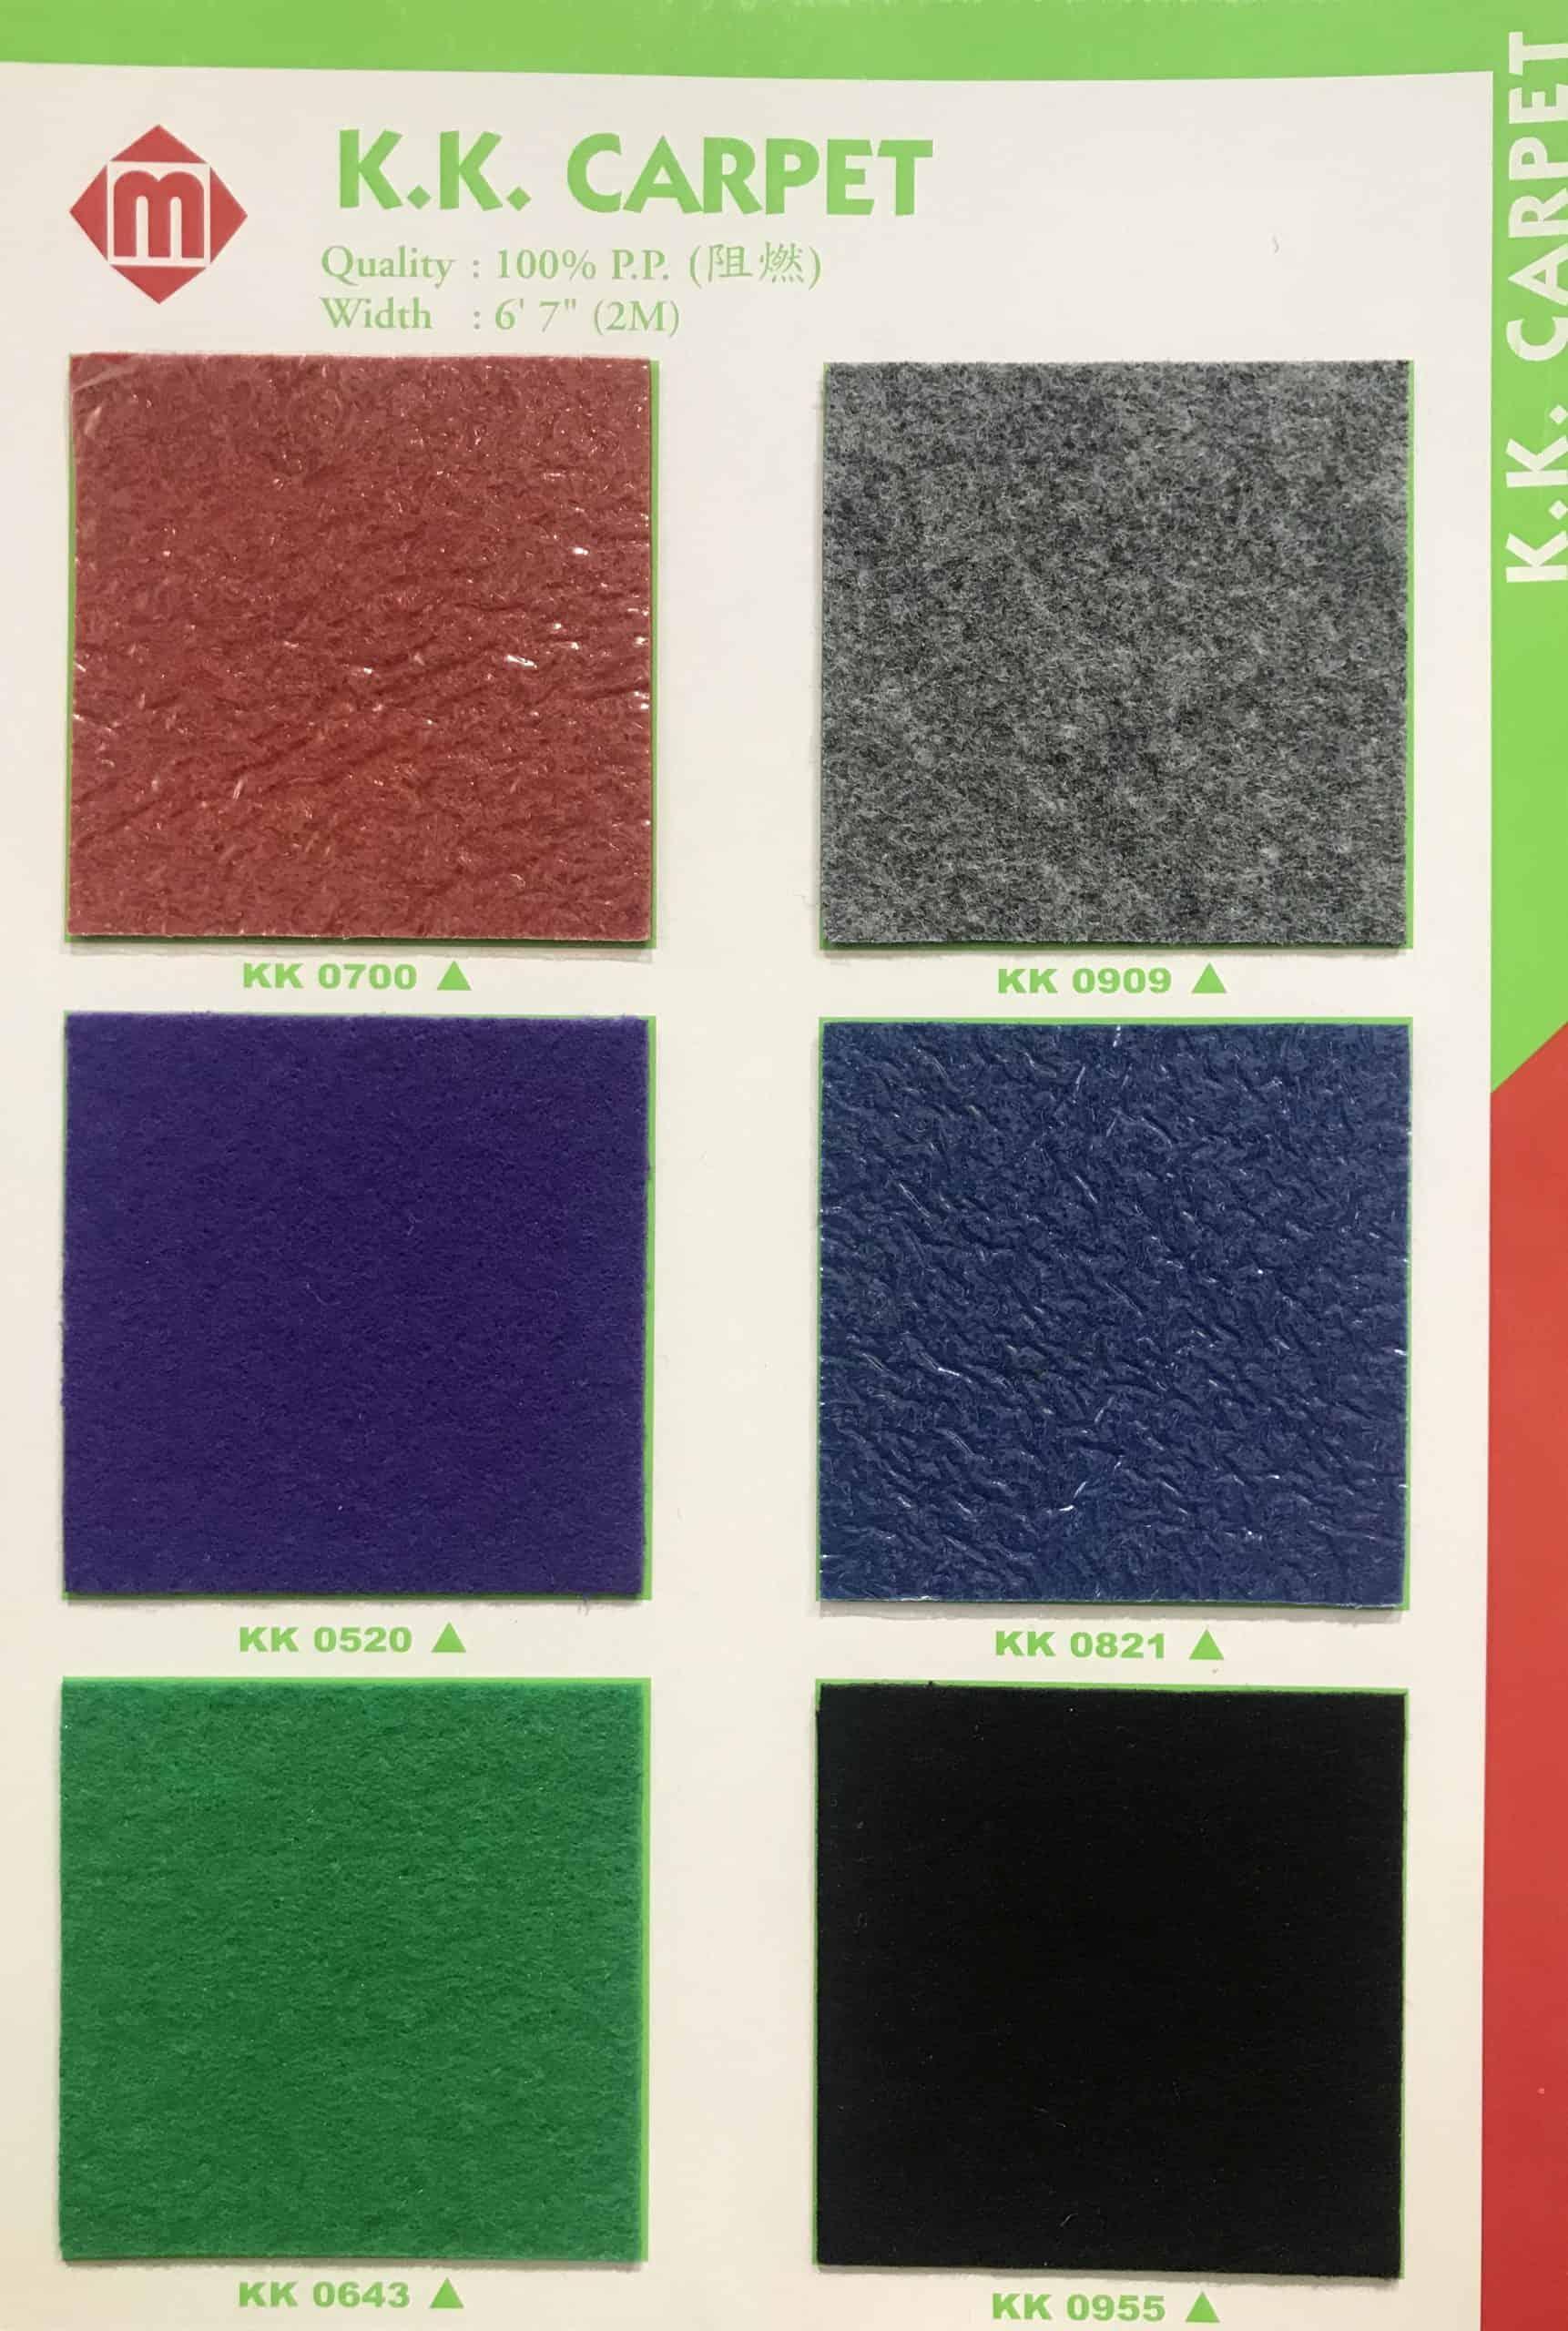 有膠膜面展覽地毯 KK Carpet Quality: 100% P.P.(阻燃) Width: 6'7